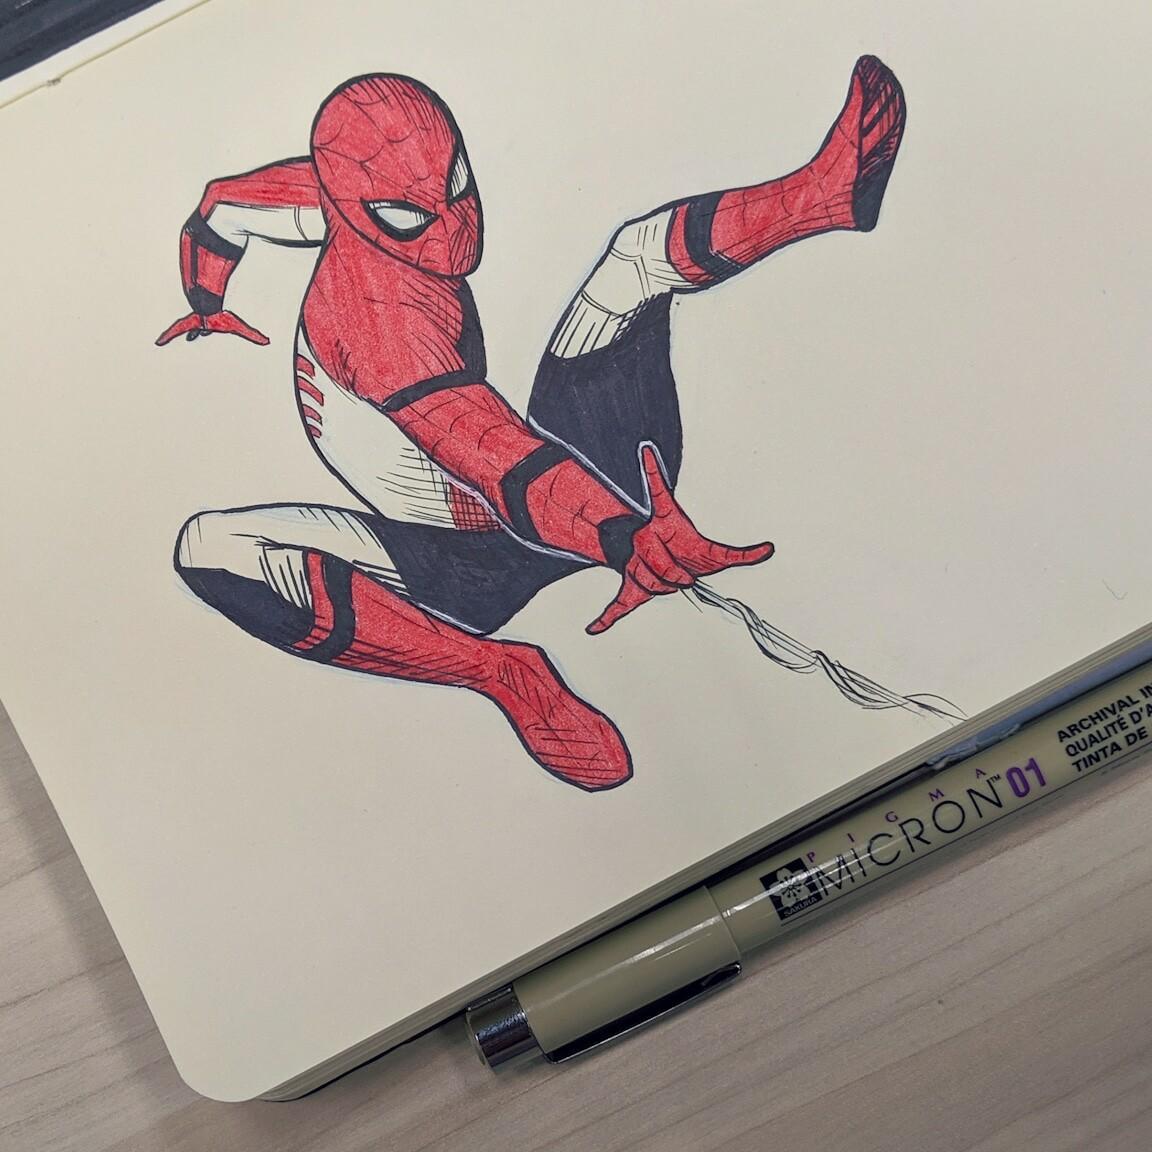 Inktober 2019 - Spider-Verse